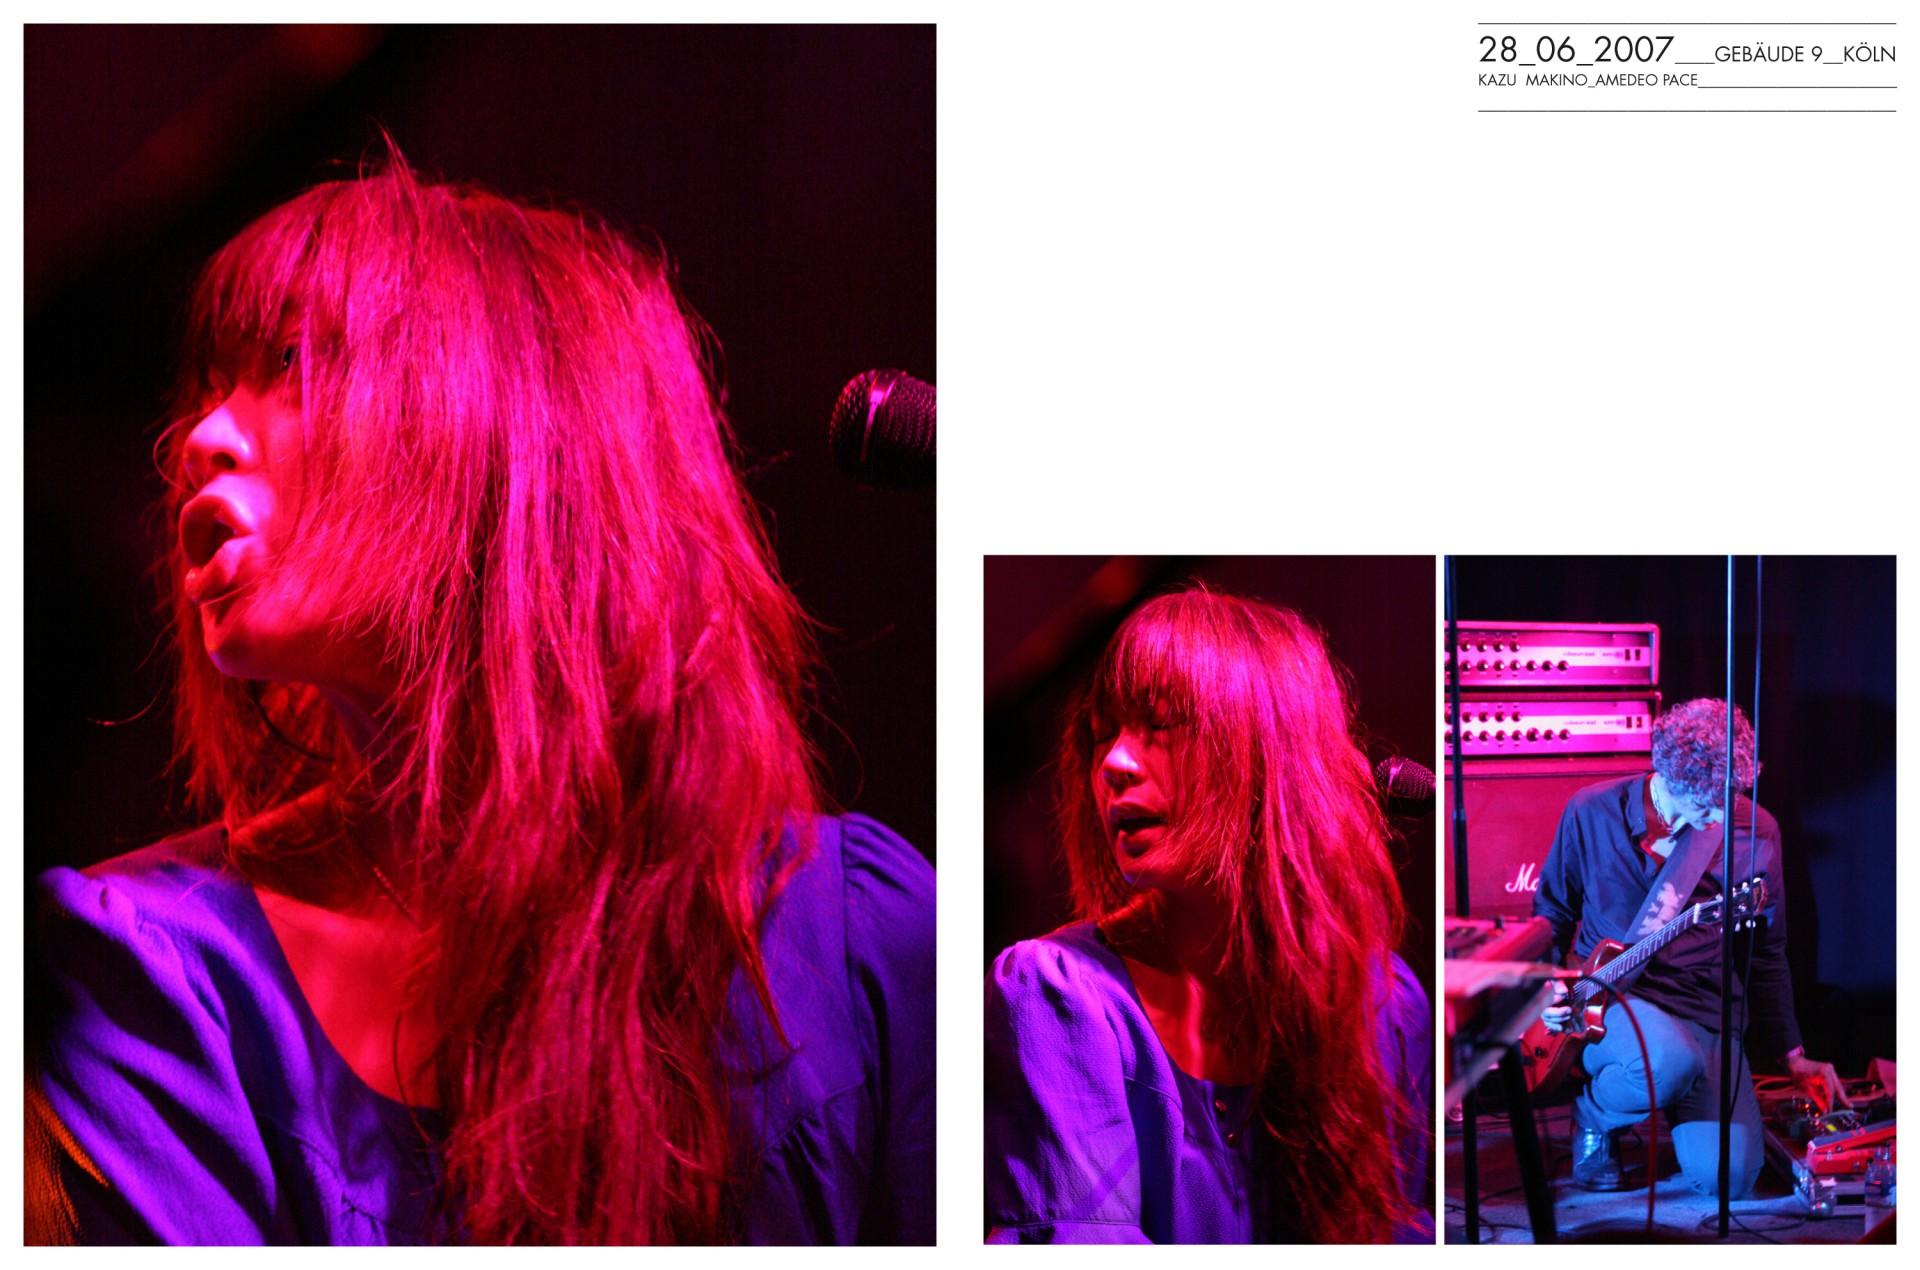 soheyl nassary Blonde Redhead